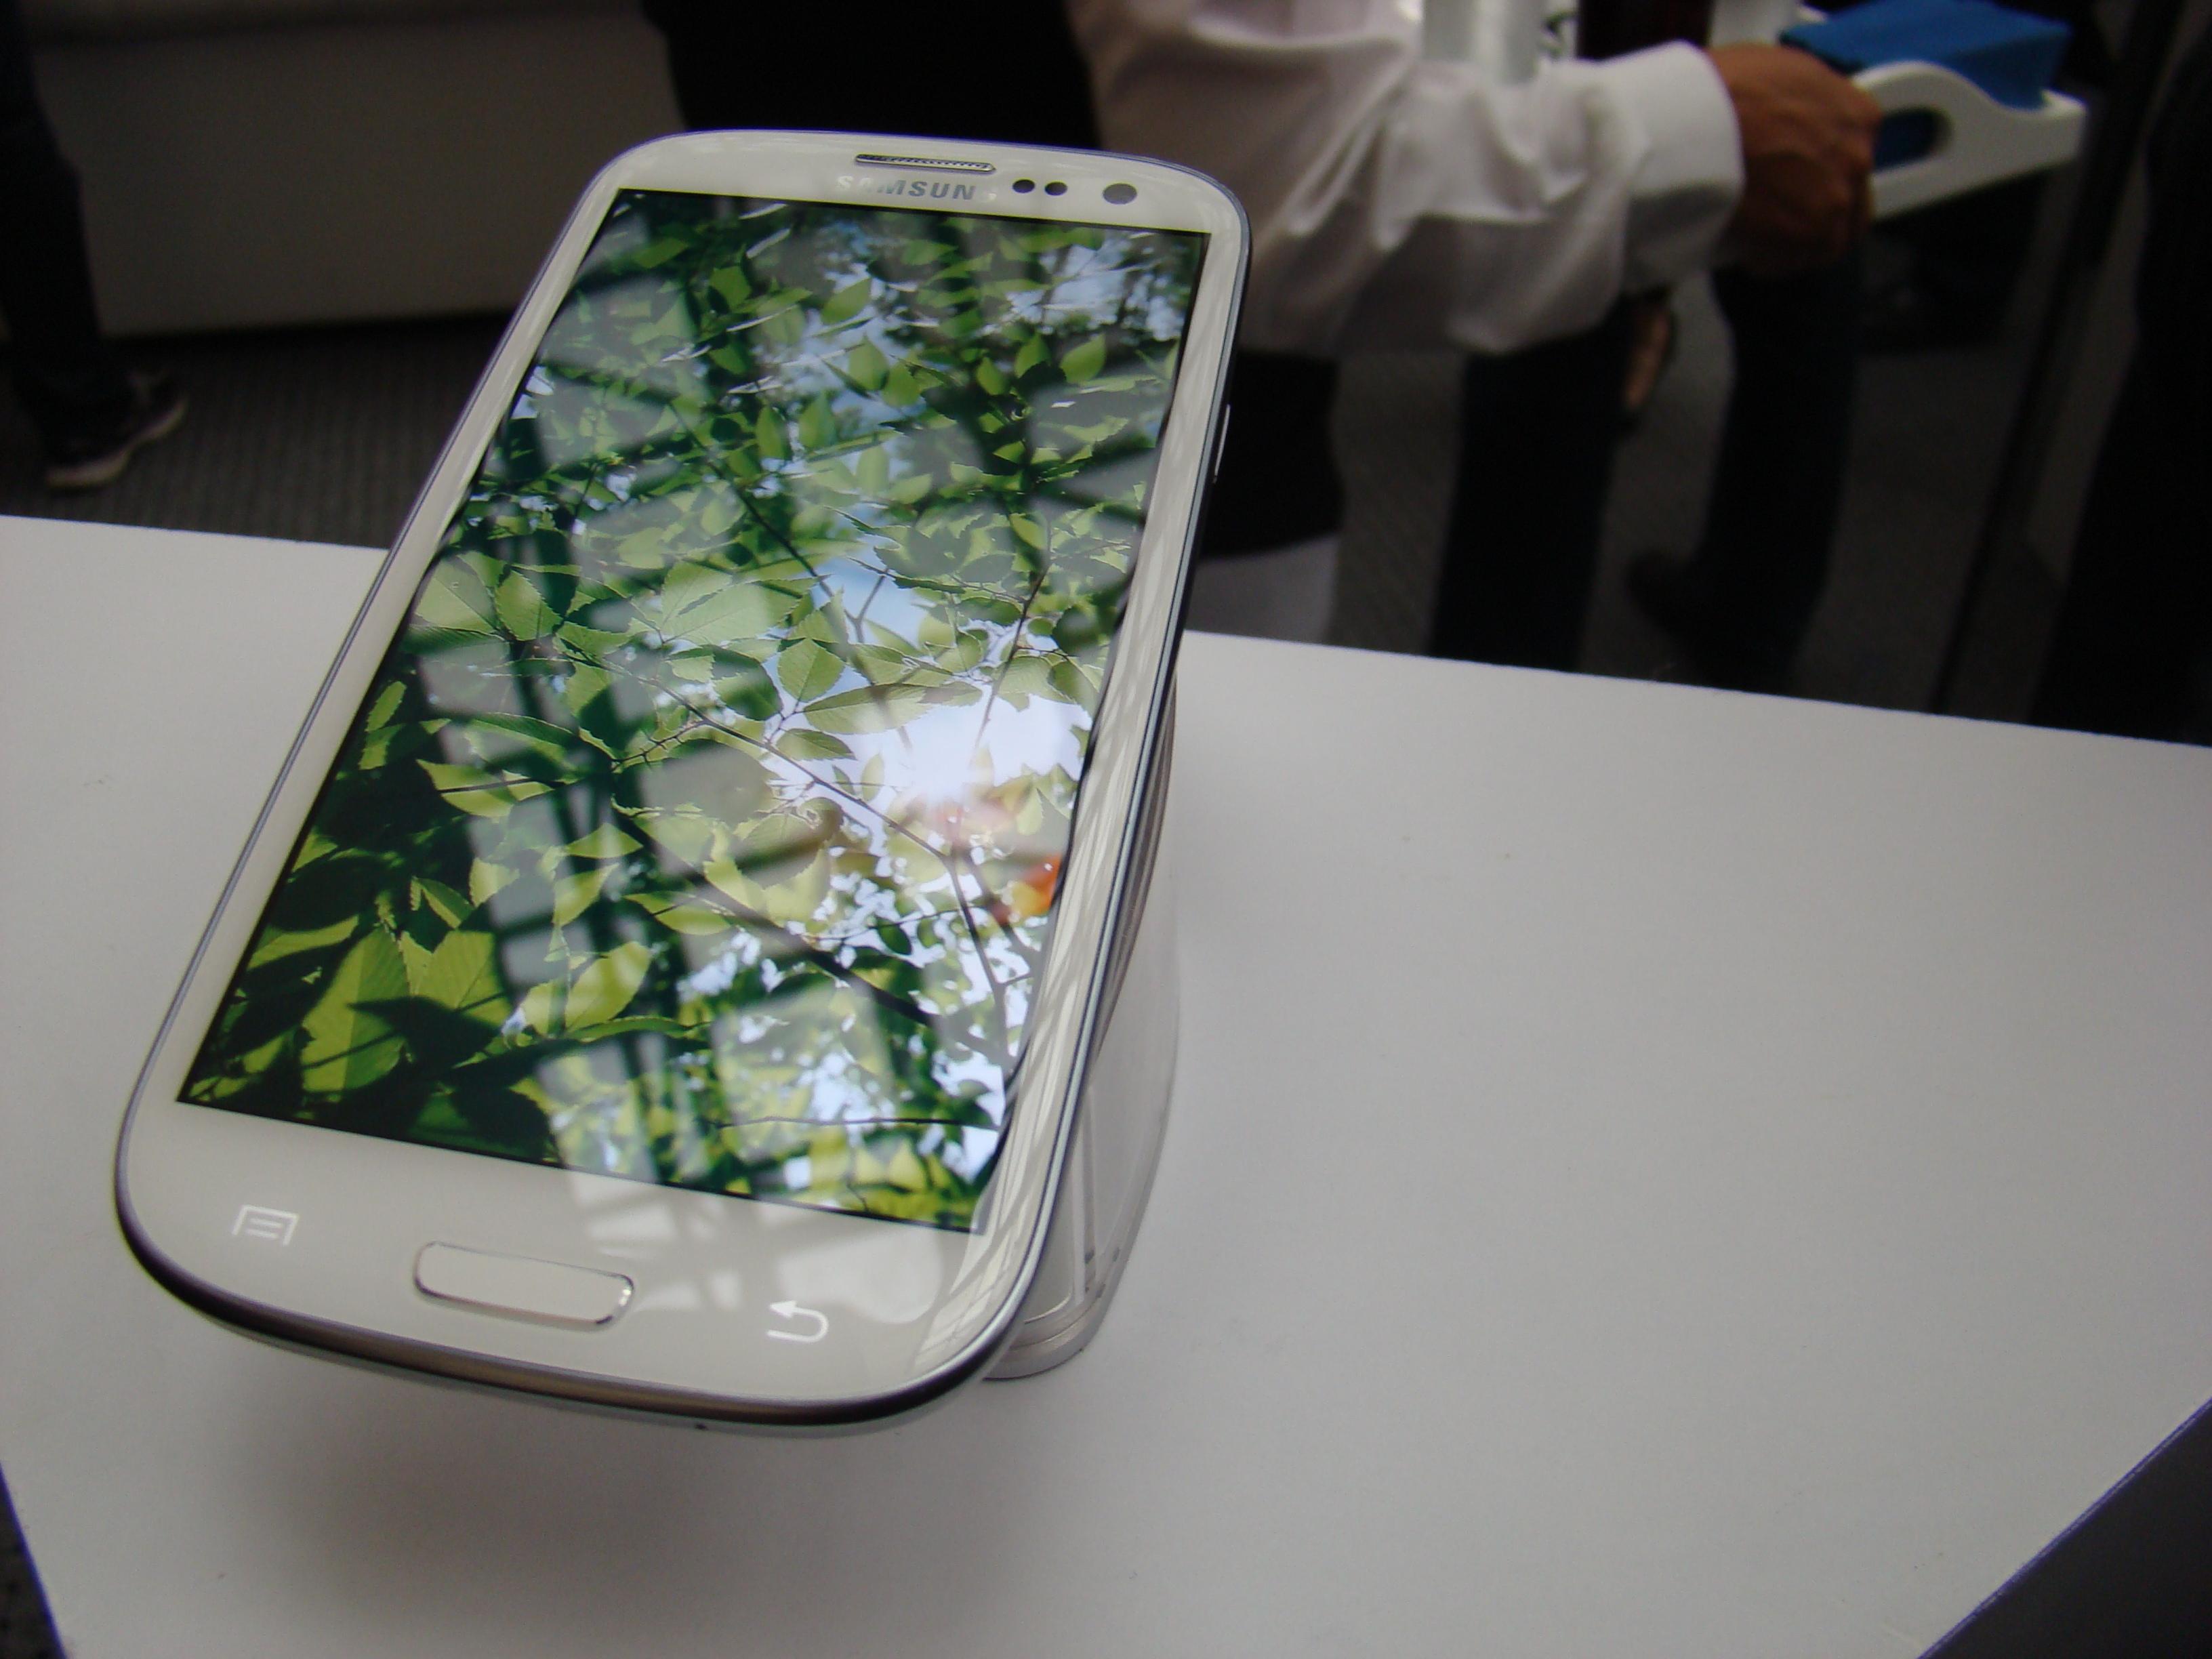 Samsung Galaxy S III  11